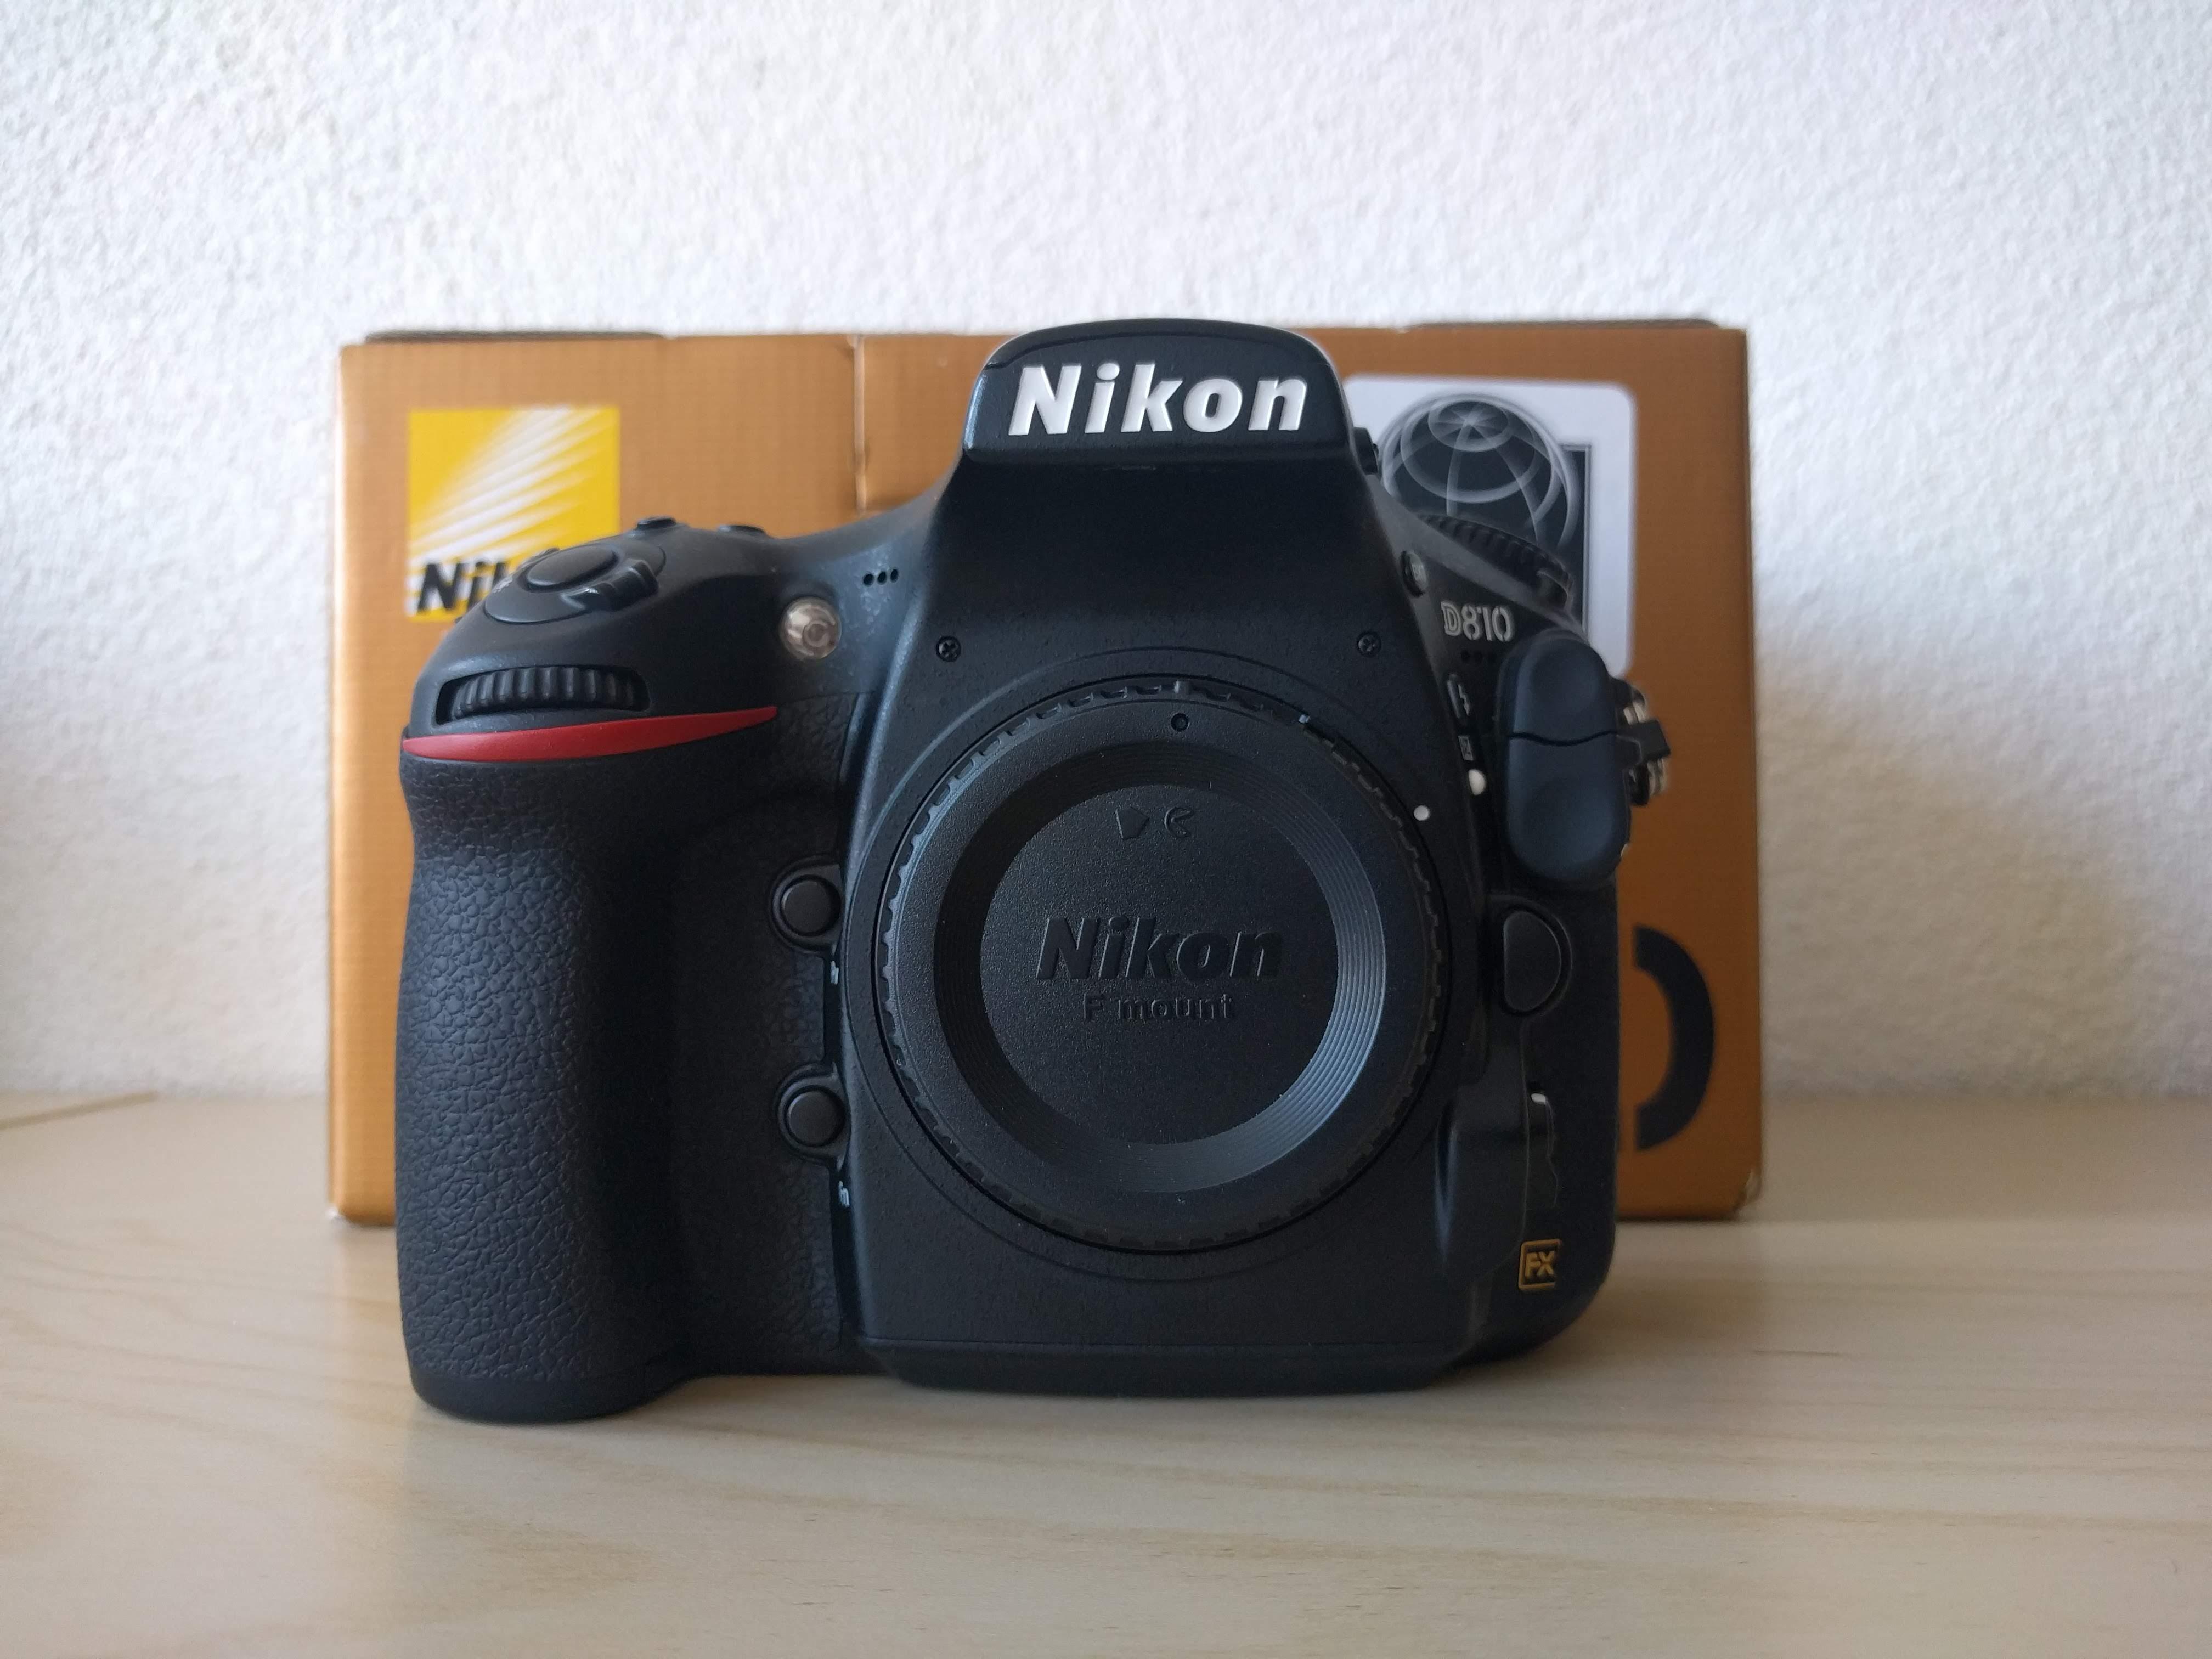 Analoge Fotografie Analogkameras Minolta Sr-t 100 X Kamera Objektiv Koffer Blitzlicht Kunden Zuerst